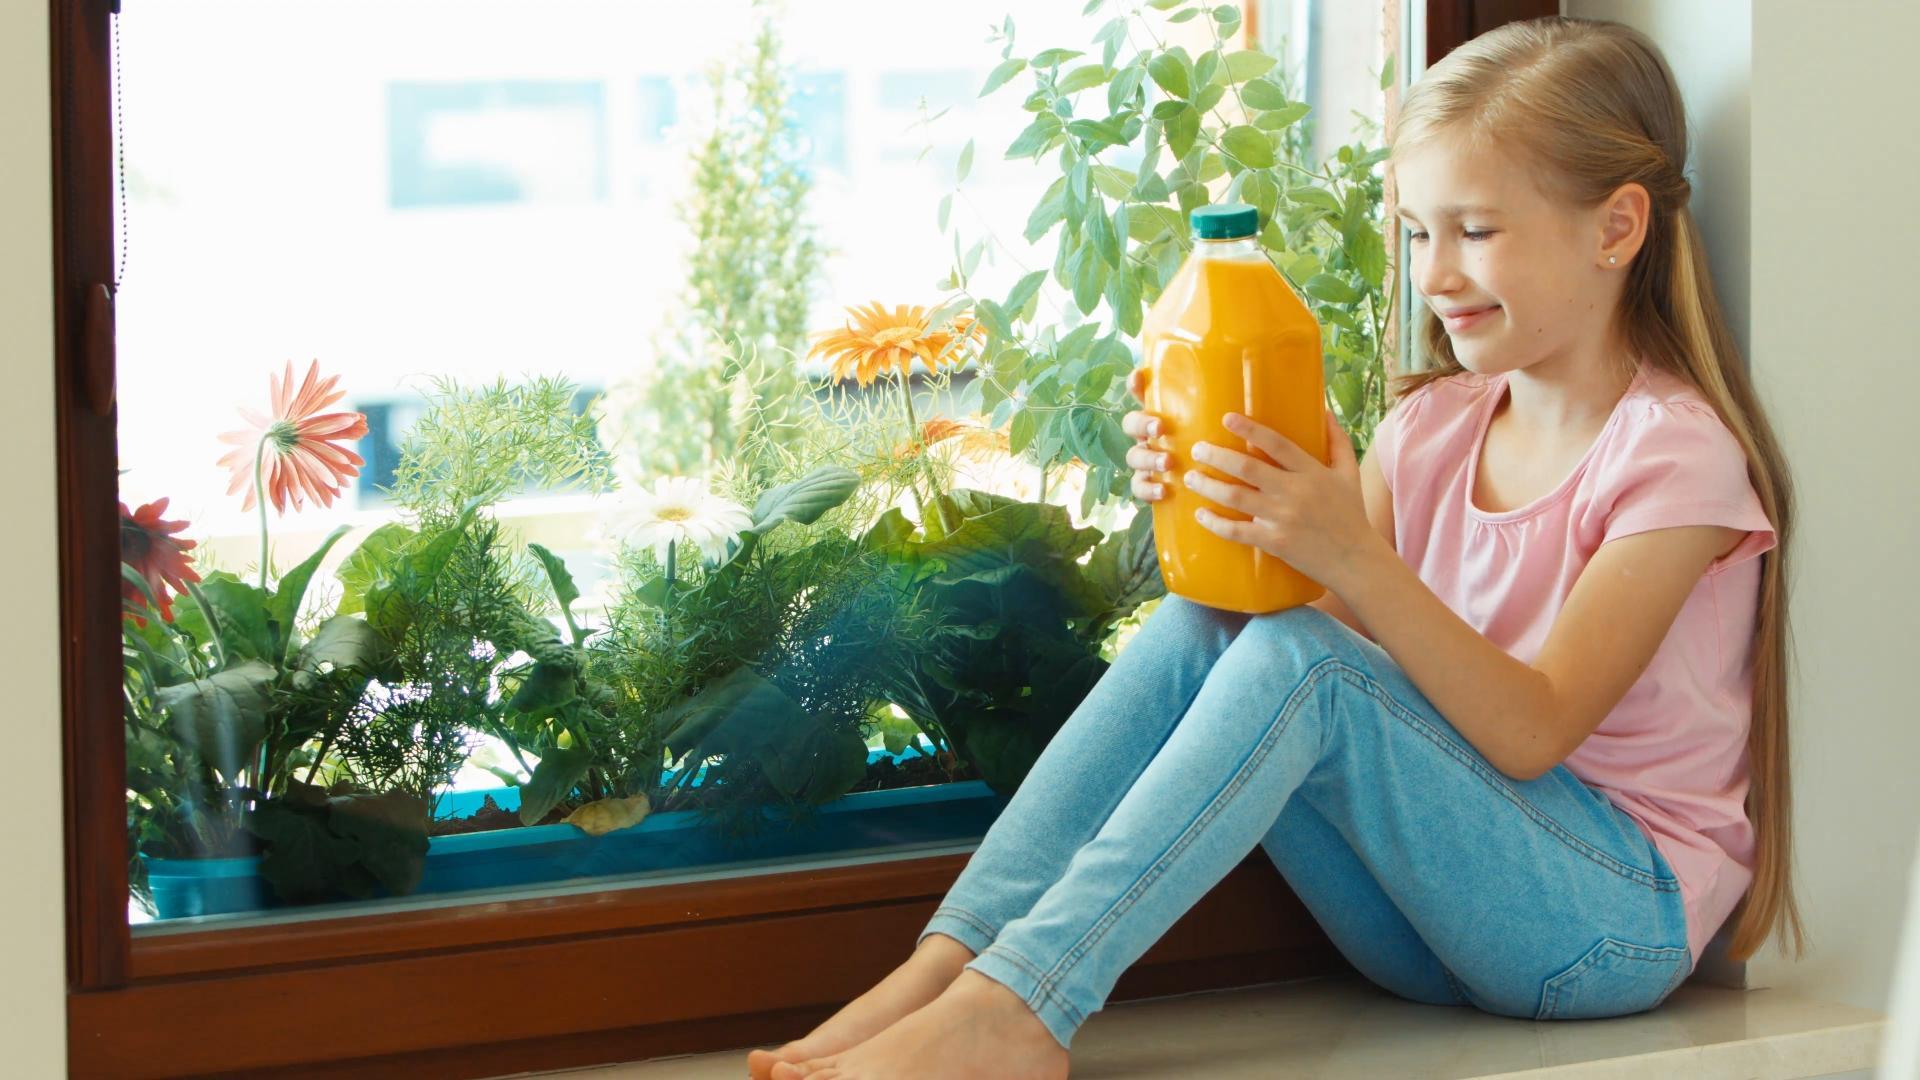 Ученые не нашли связи между стопроцентным фруктовым соком и диабетом